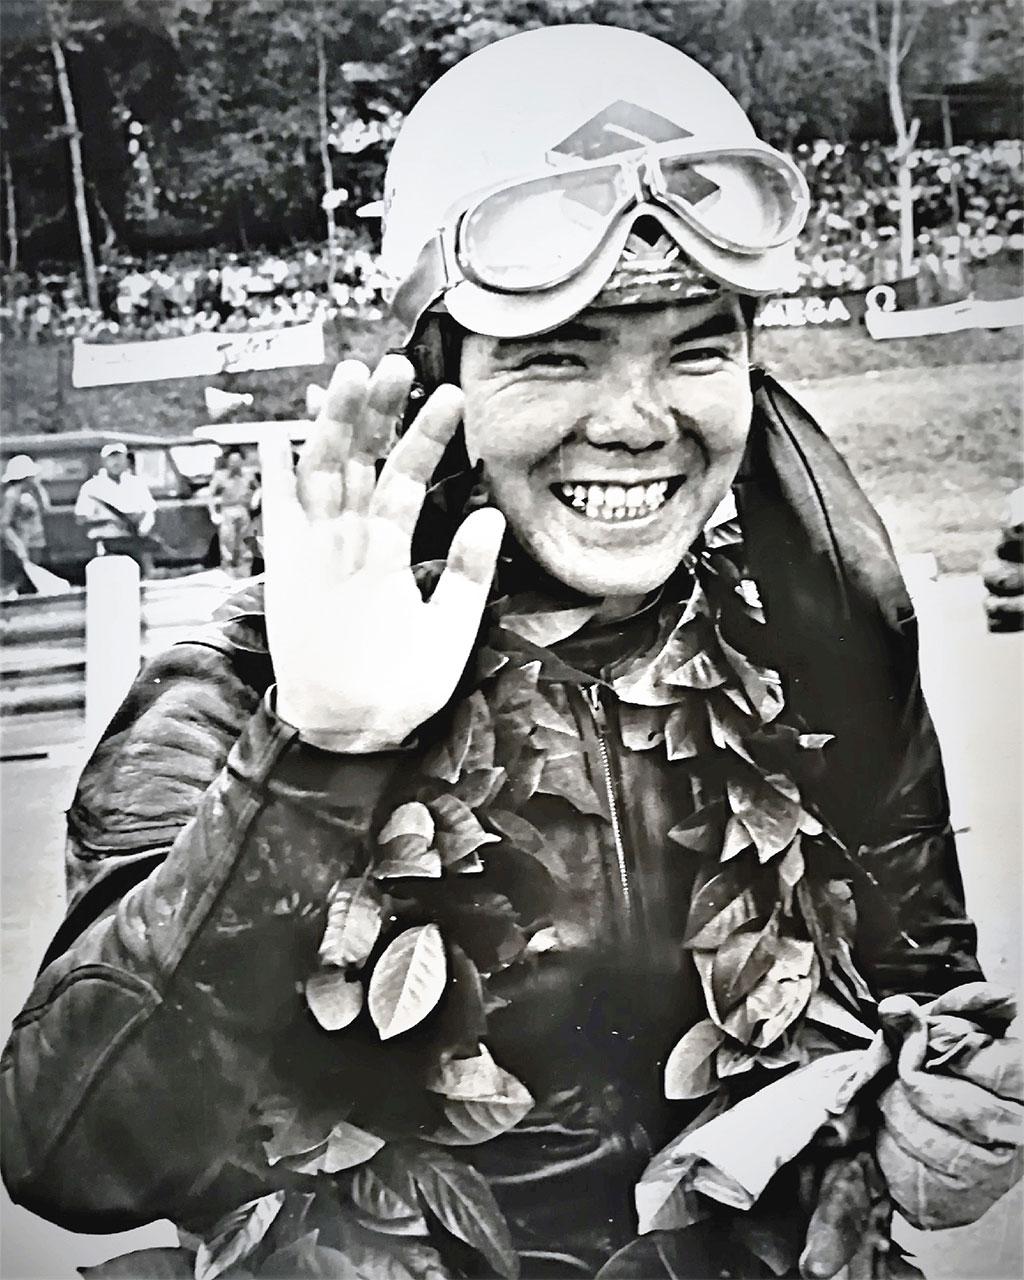 日本人で唯一、マン島TTレースで優勝を挙げた伊藤光夫さん